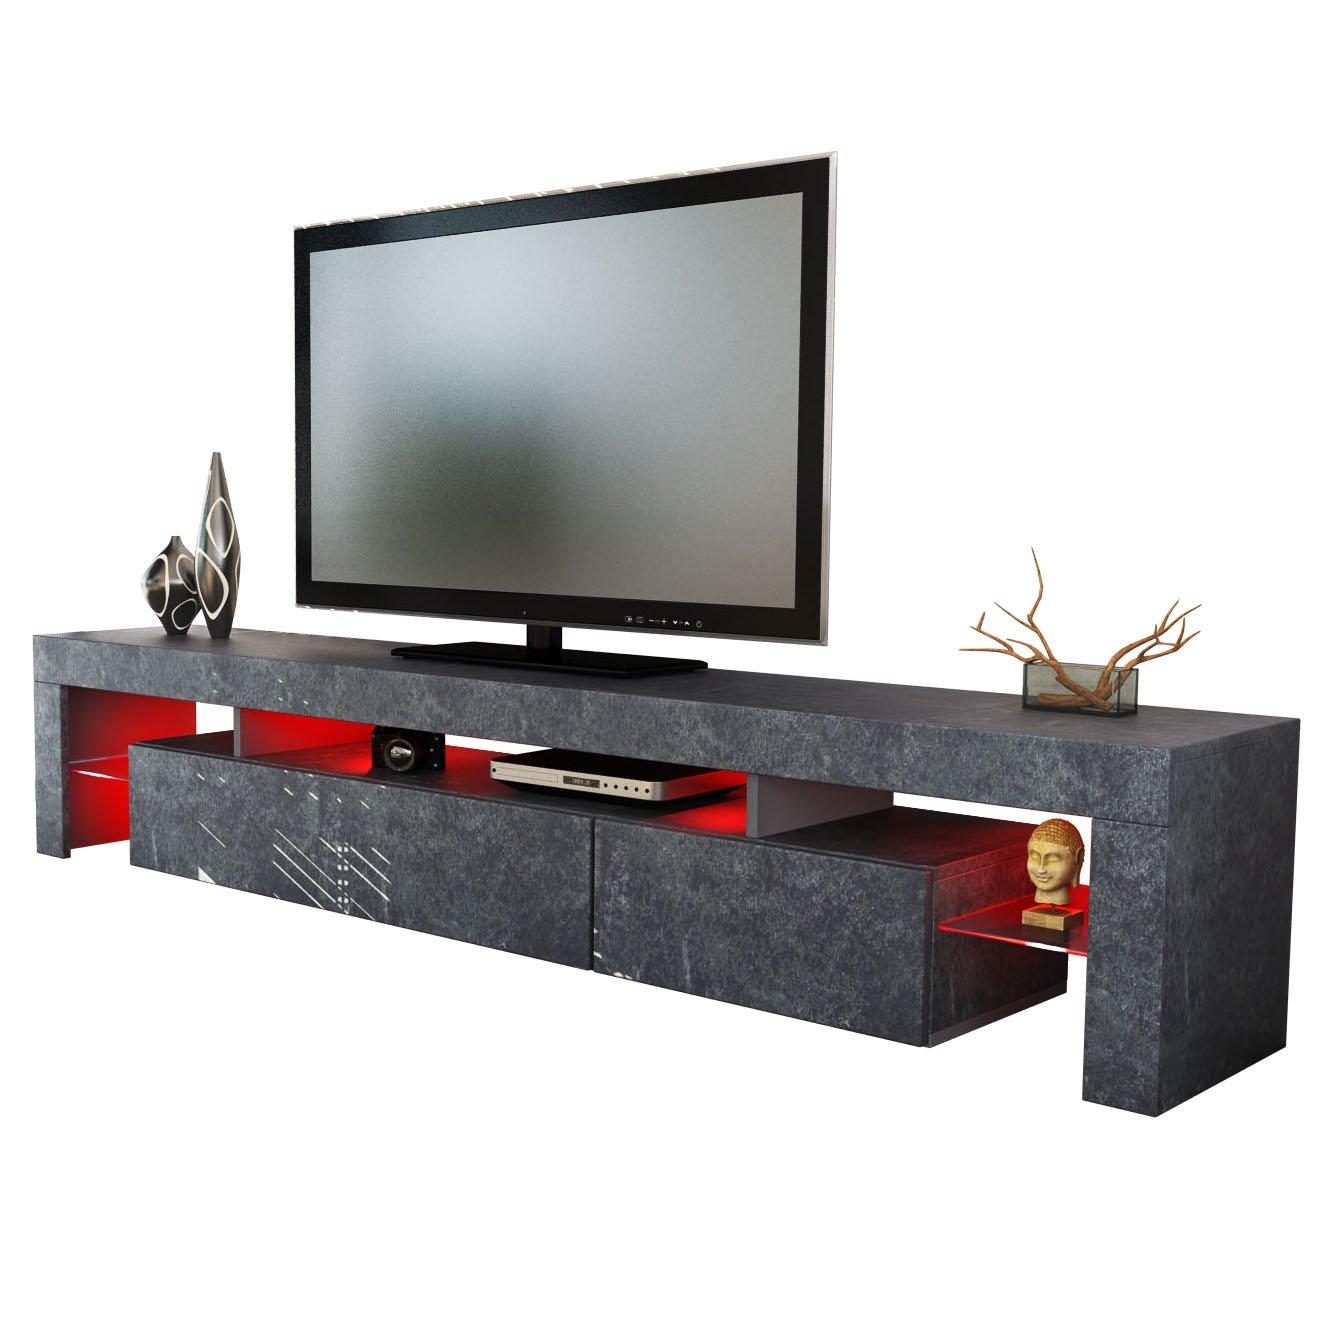 Meuble Tele Bas - Meuble Tv Bas Armoire Basse Lima Xl Rock En Optique Ardoise [mjhdah]http://www.vox-meubles.fr/media/catalog/product/cache/1/image/9df78eab33525d08d6e5fb8d27136e95/m/e/meuble-tv-avec-surmeuble_1.jpg